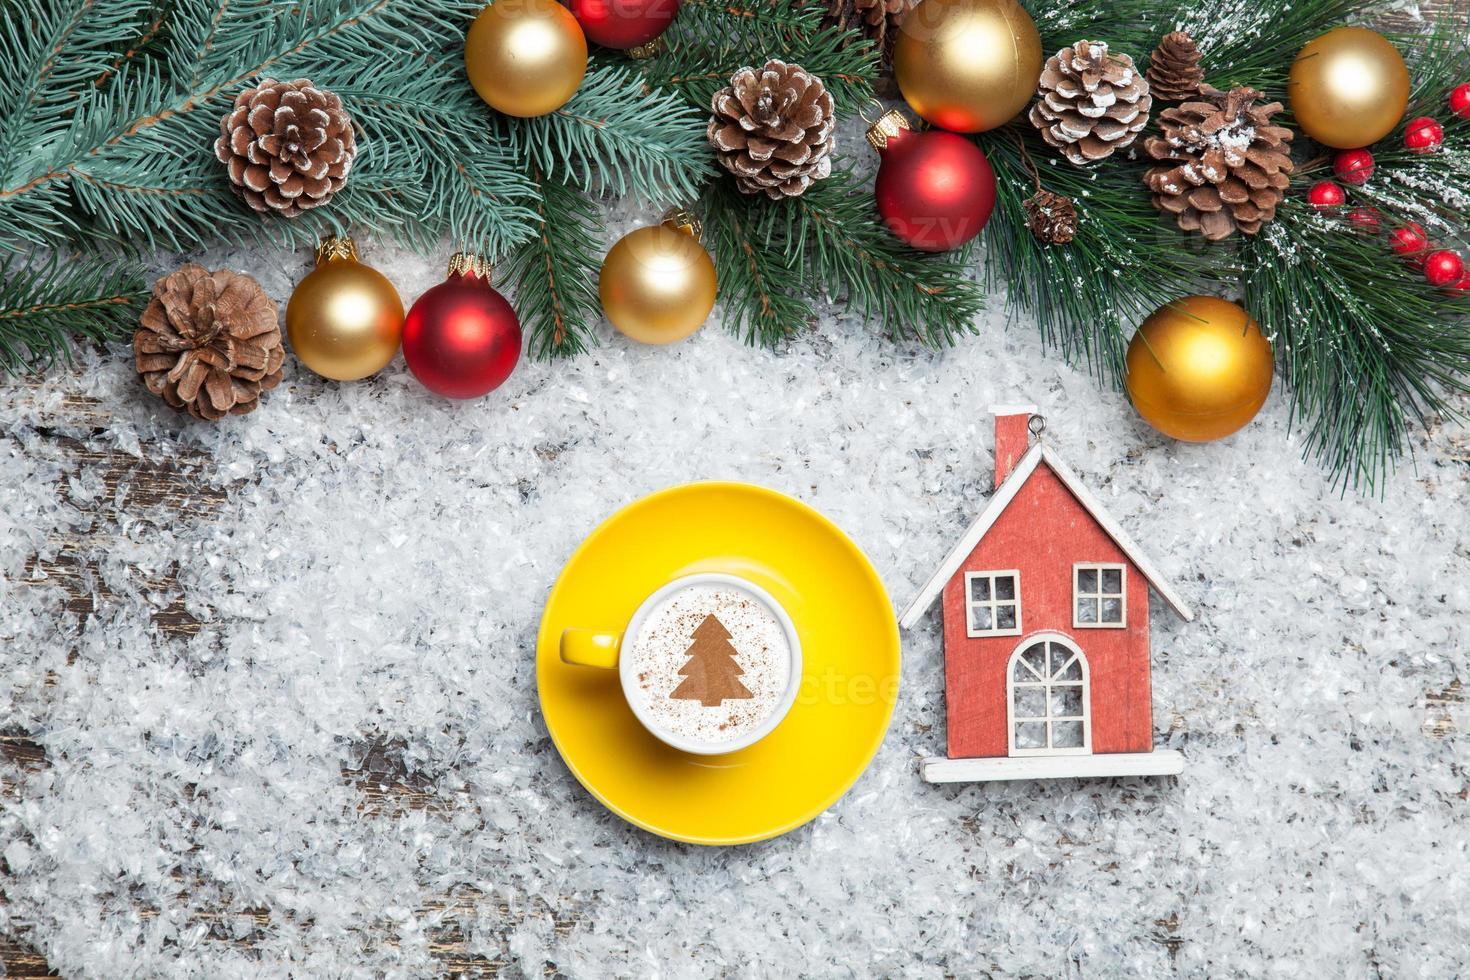 Cappuccino avec forme d'arbre de Noël et jouet maison sur artificielle photo